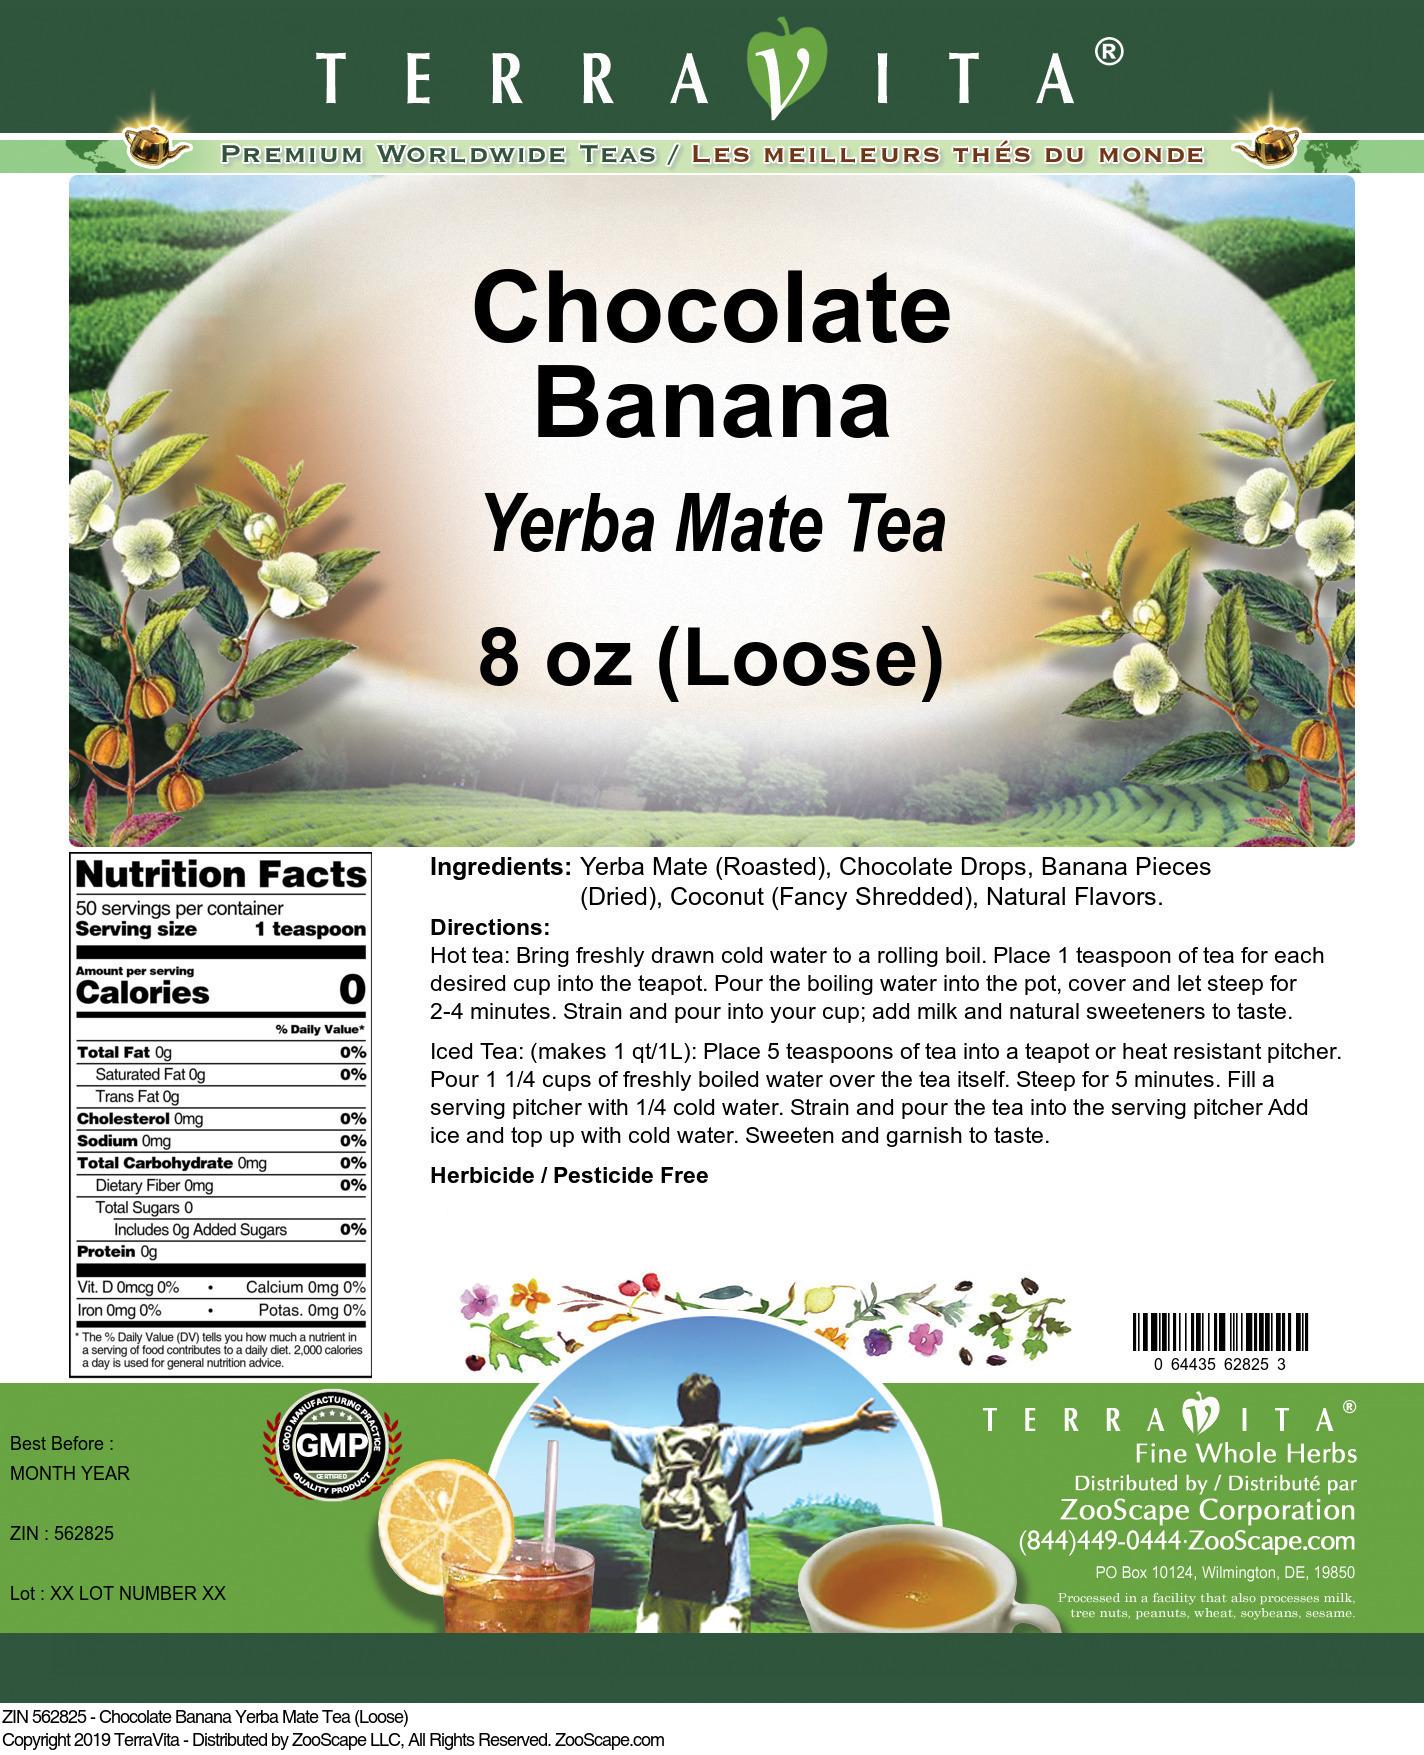 Chocolate Banana Yerba Mate